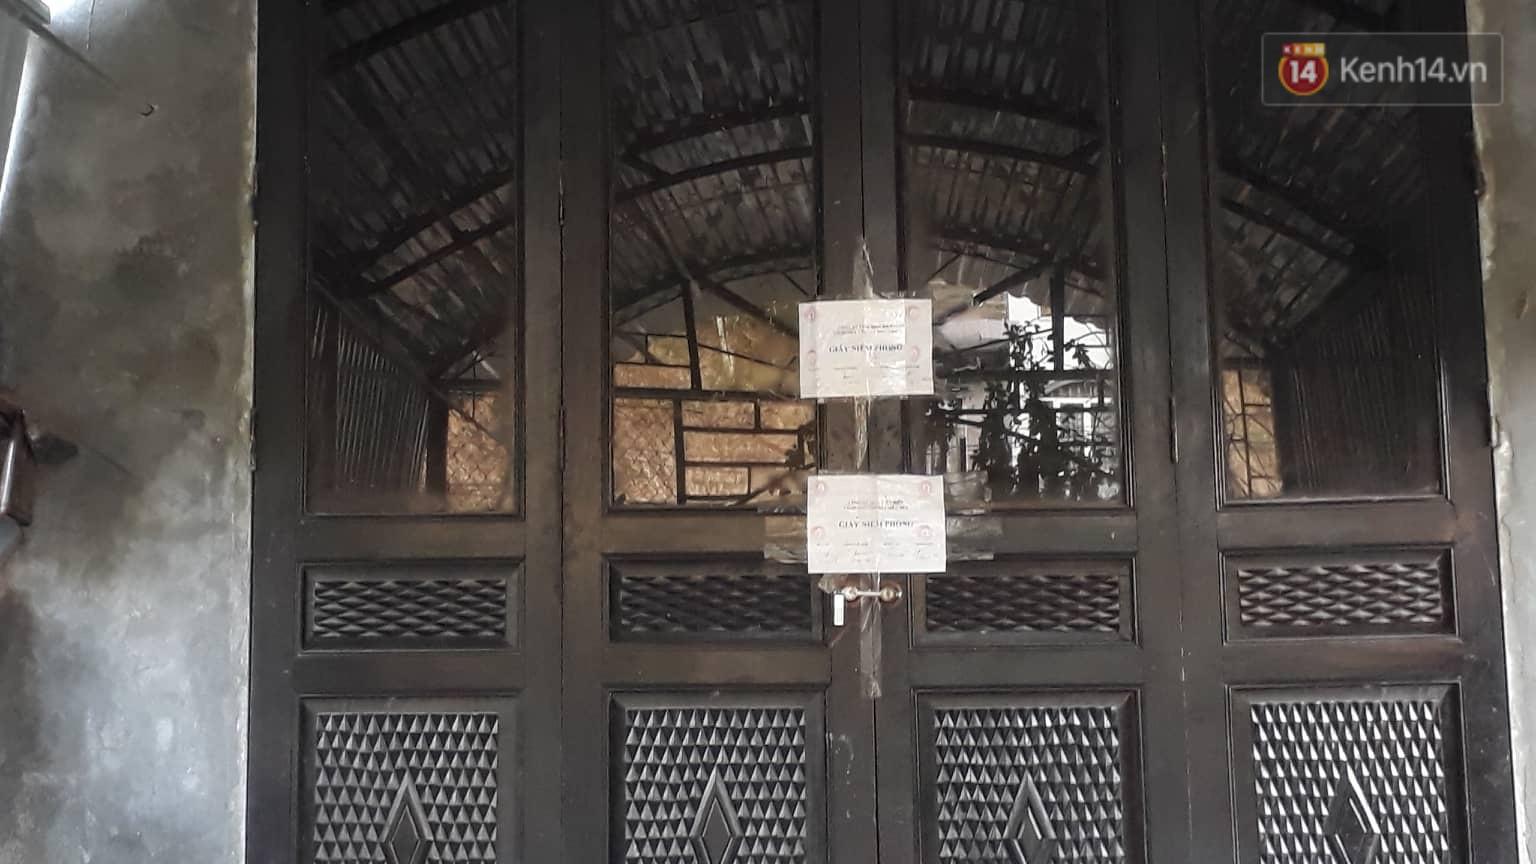 4 tháng sau vụ nữ sinh giao gà bị sát hại, căn nhà của vợ chồng Bùi Văn Công trở nên lạnh lẽo, hàng xóm có những chia sẻ bất ngờ - Ảnh 2.